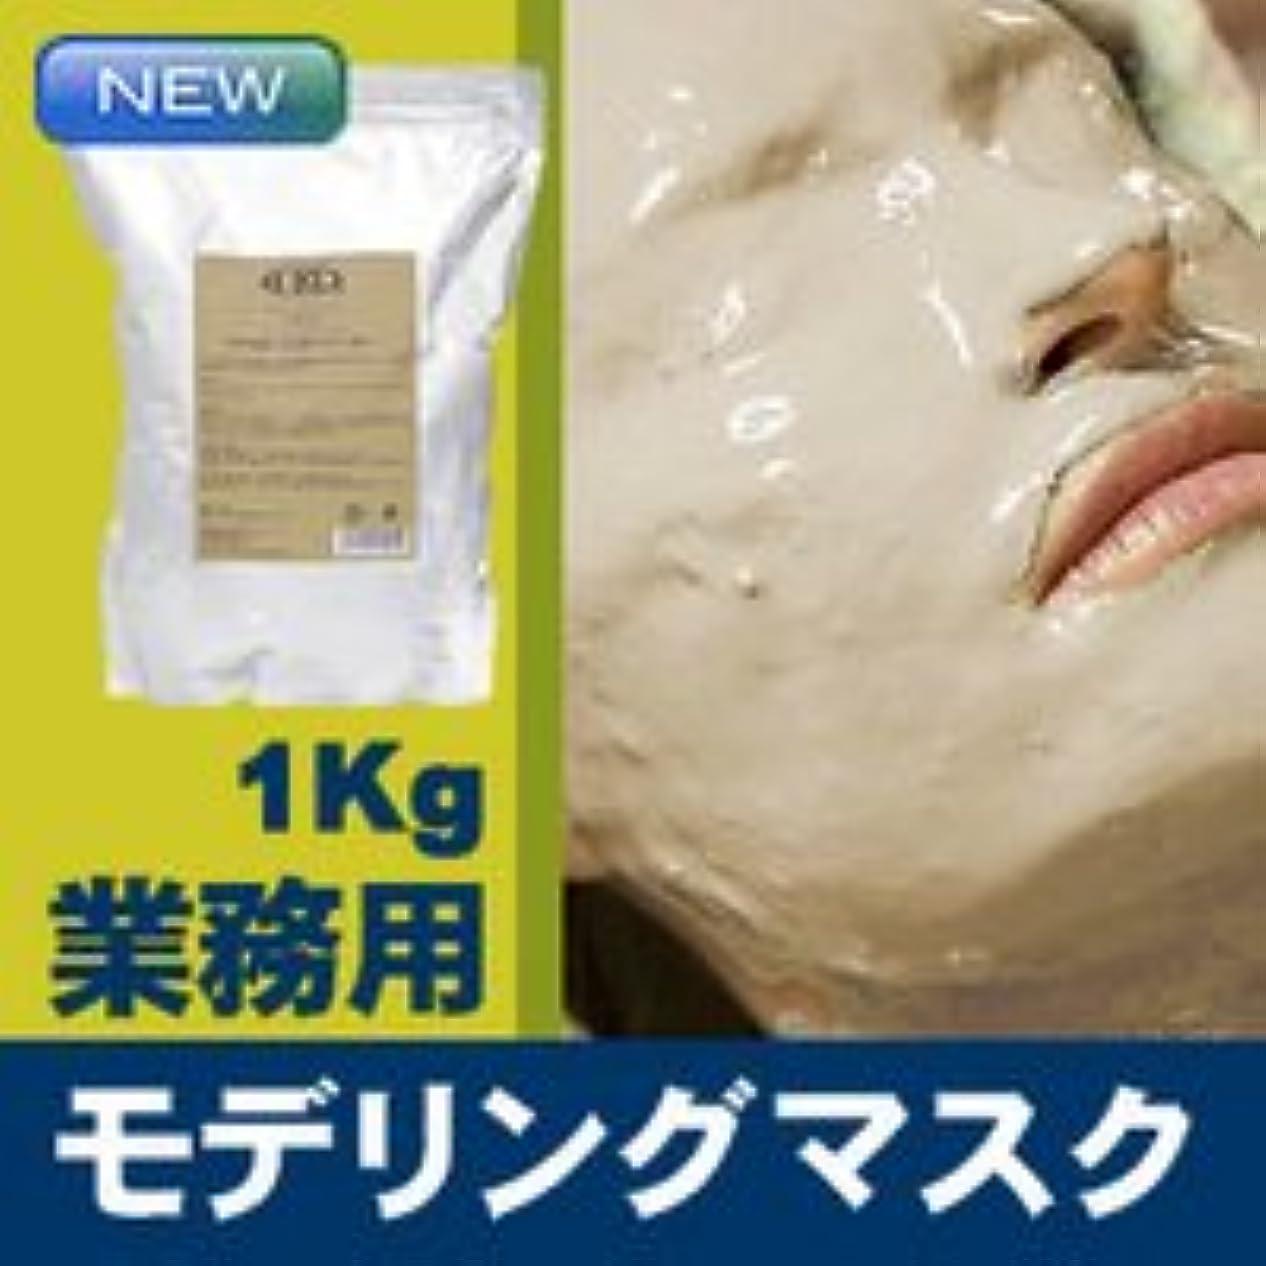 浸食召喚する芝生モデリングマスク 1Kg 大量のシアル酸配合(チャーミングクリスタル) / フェイスマスク?パック 【ピールオフマスク】